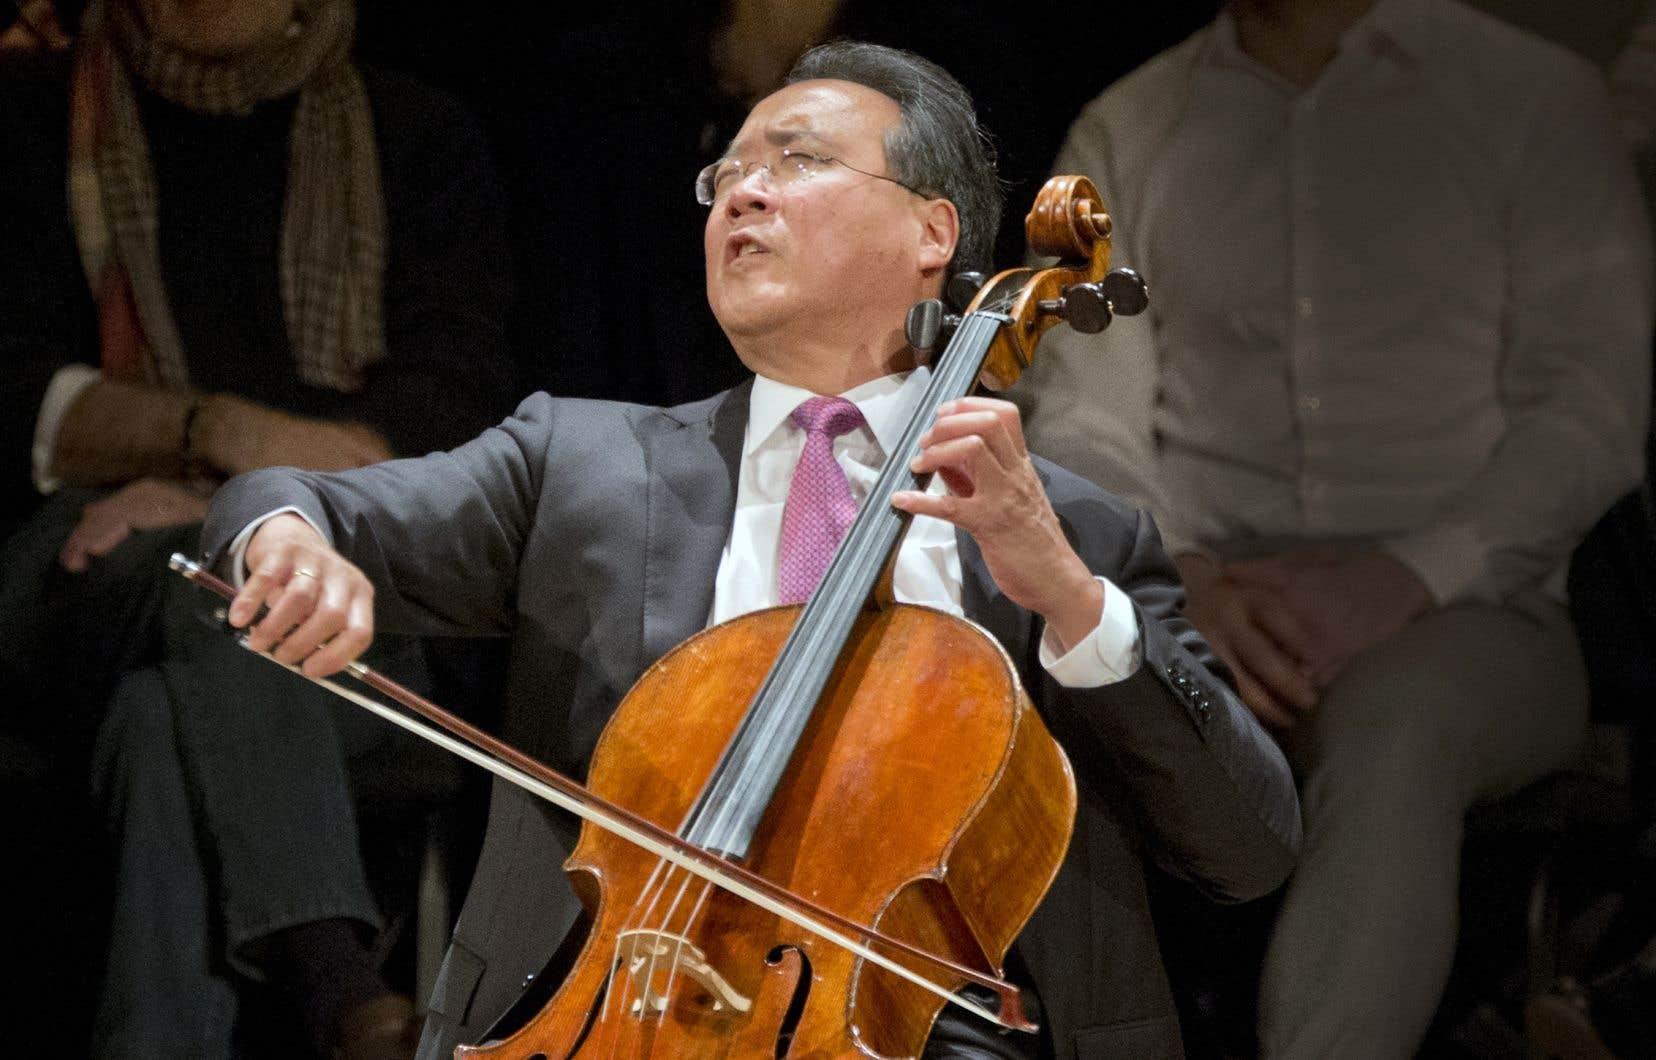 Le violoncelliste Yo-Yo Ma jouera à la soirée de clôture du festival Bach, le 7 décembre, à la Maison symphonique.